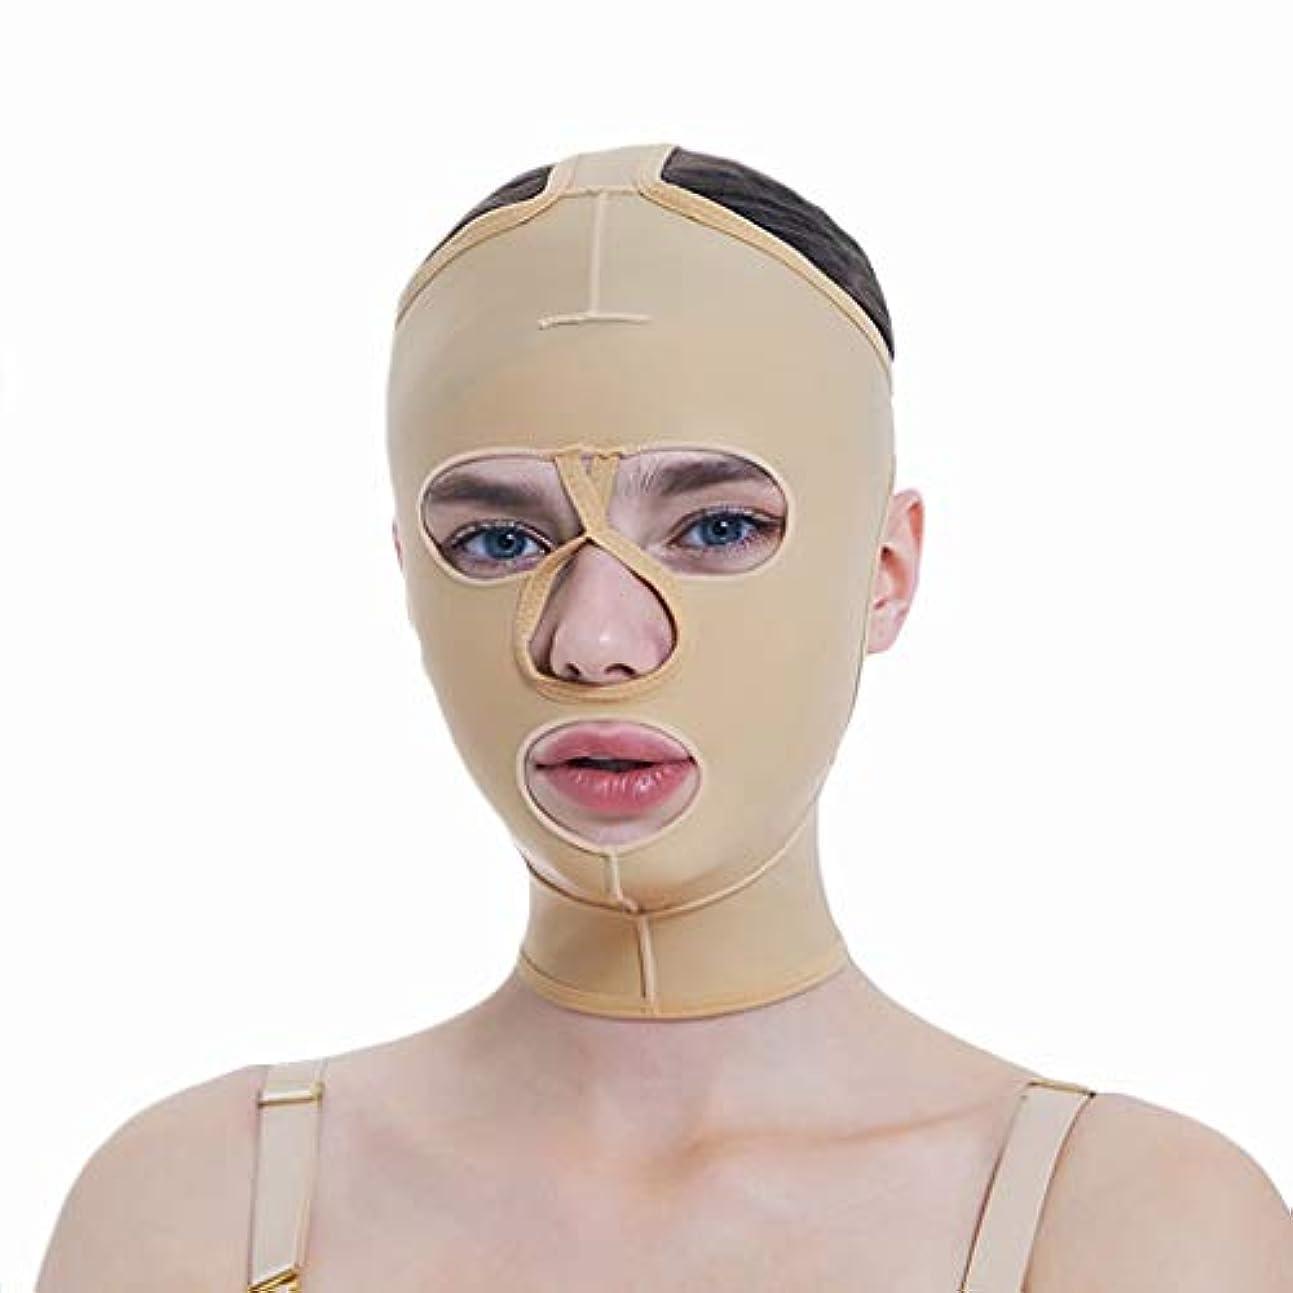 本部キャプションなぞらえる顔の減量マスク、フルカバレッジ包帯、フルフェイスリフティングマスク、フェイスマスク、快適で通気性、リフティングシェーピング (Size : XL)